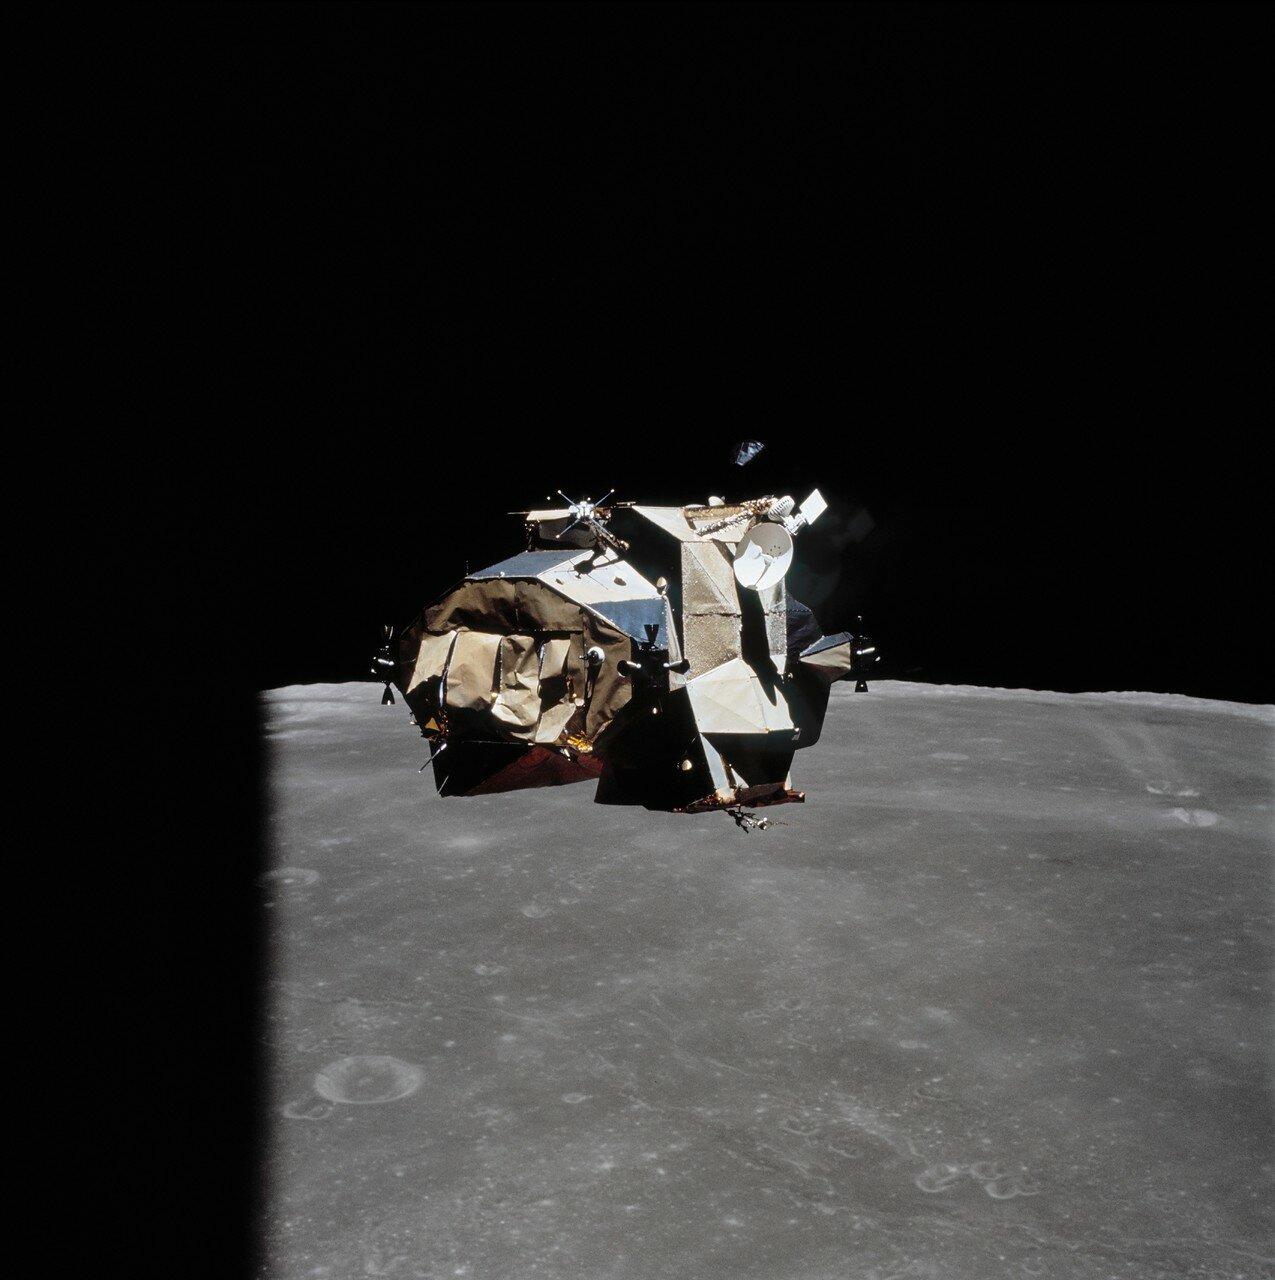 Когда корабли сблизились до расстояния в несколько десятков метров, ЦУП попросил Янга медленно повернуть «Орион» на 360° вокруг вертикальной оси с тем, чтобы Маттингли сфотографировал лунный модуль. На снимке: «Орион» поворачивается перед стыковкой